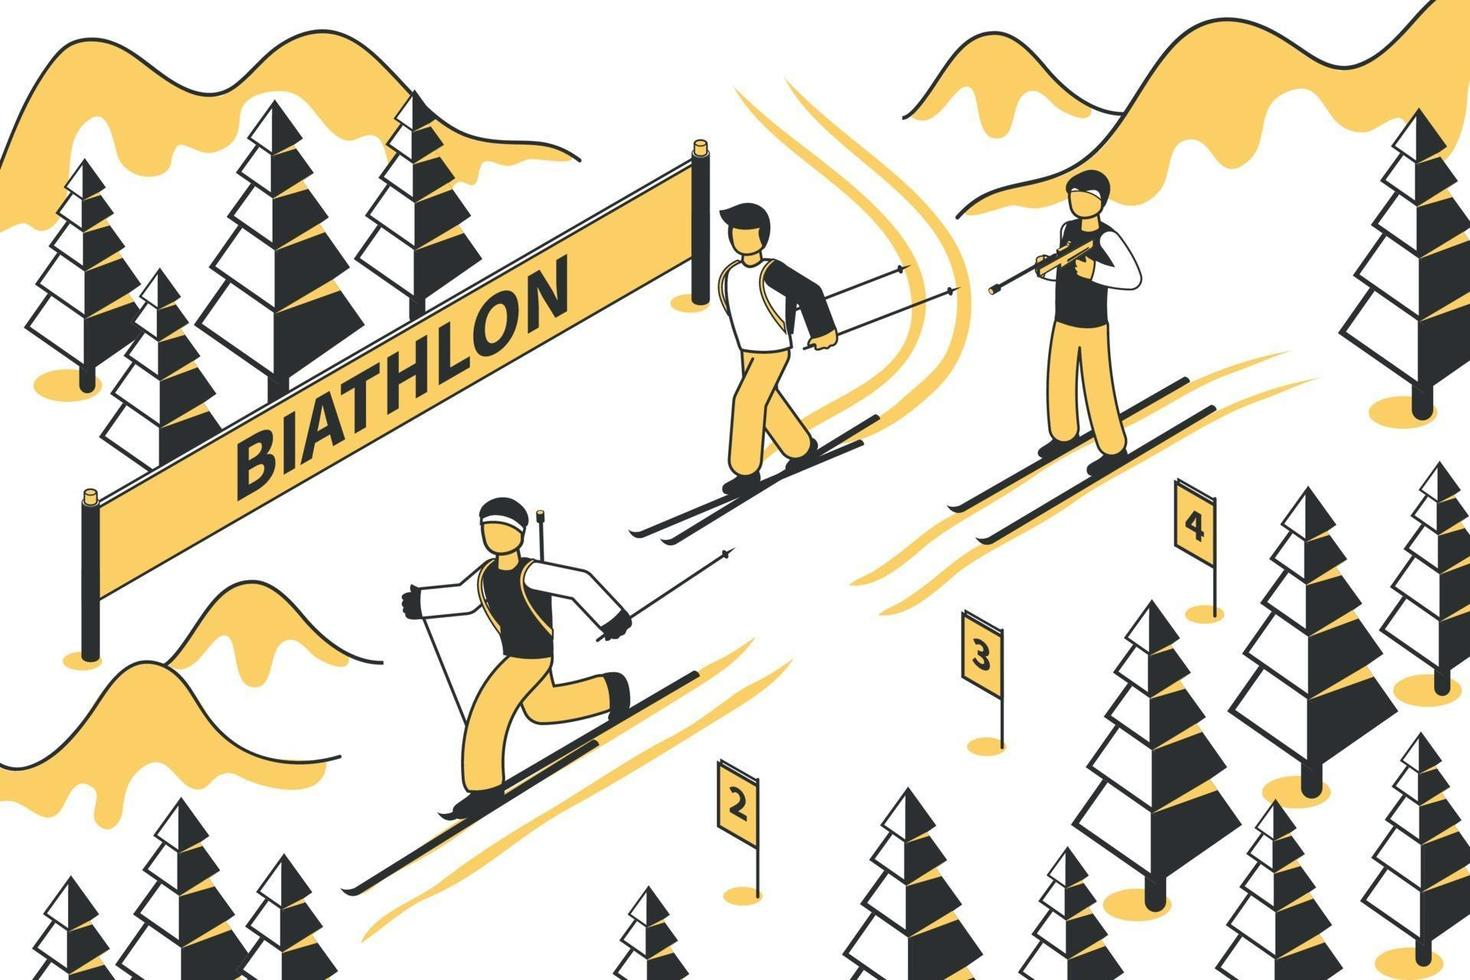 ilustración de la competencia de biatlón vector